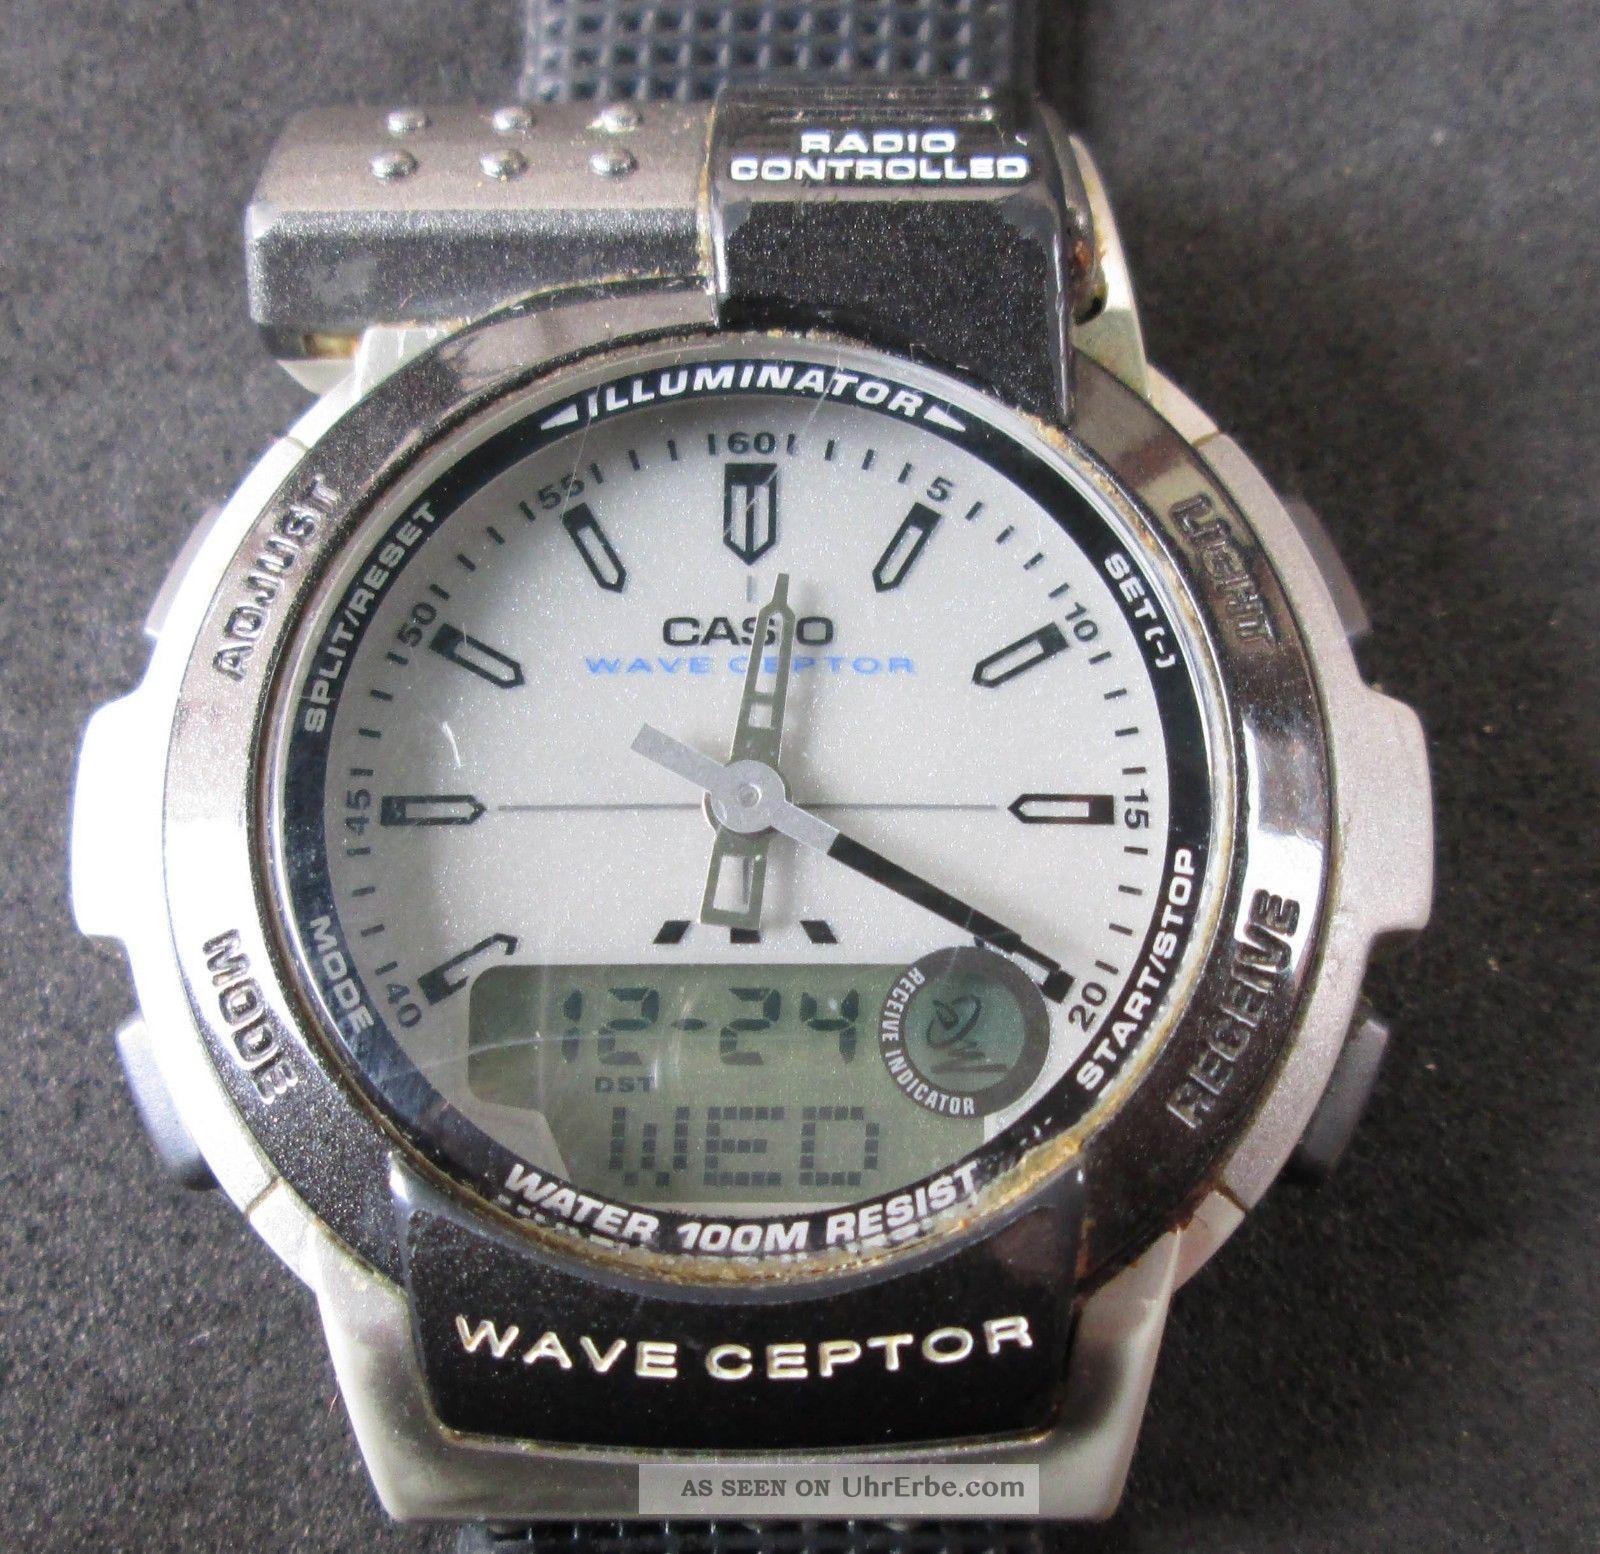 Casio Wave Ceptor Funkuhr,  Radio Controlled,  Analog/digitalanzeige,  Uhr Läuft, Armbanduhren Bild